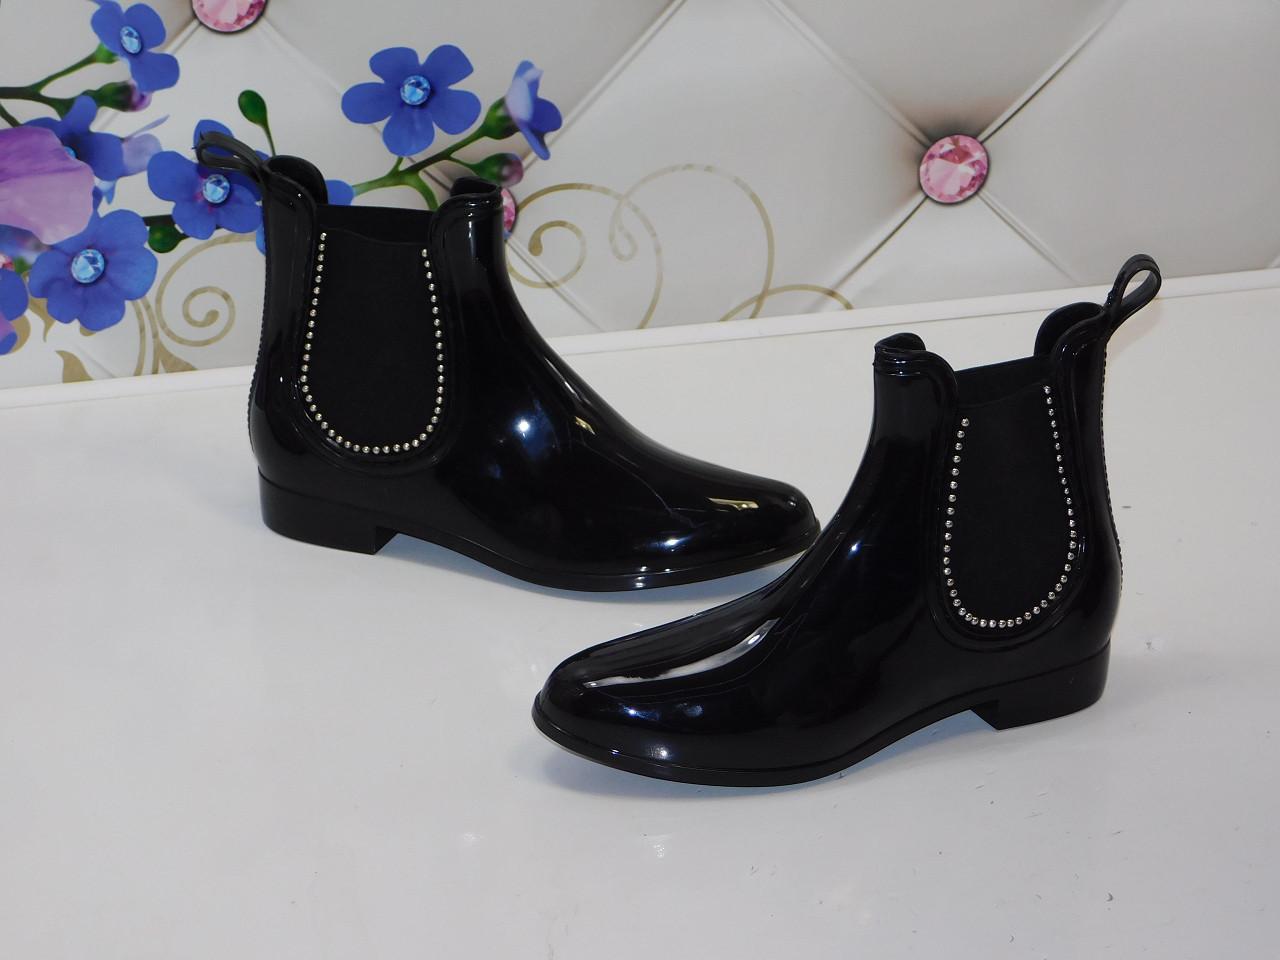 bac4a9ca8 Ботинки резиновые женские Челси демисезонные черные со стразами 39 размер -  магазин женской обуви Lady Vogue